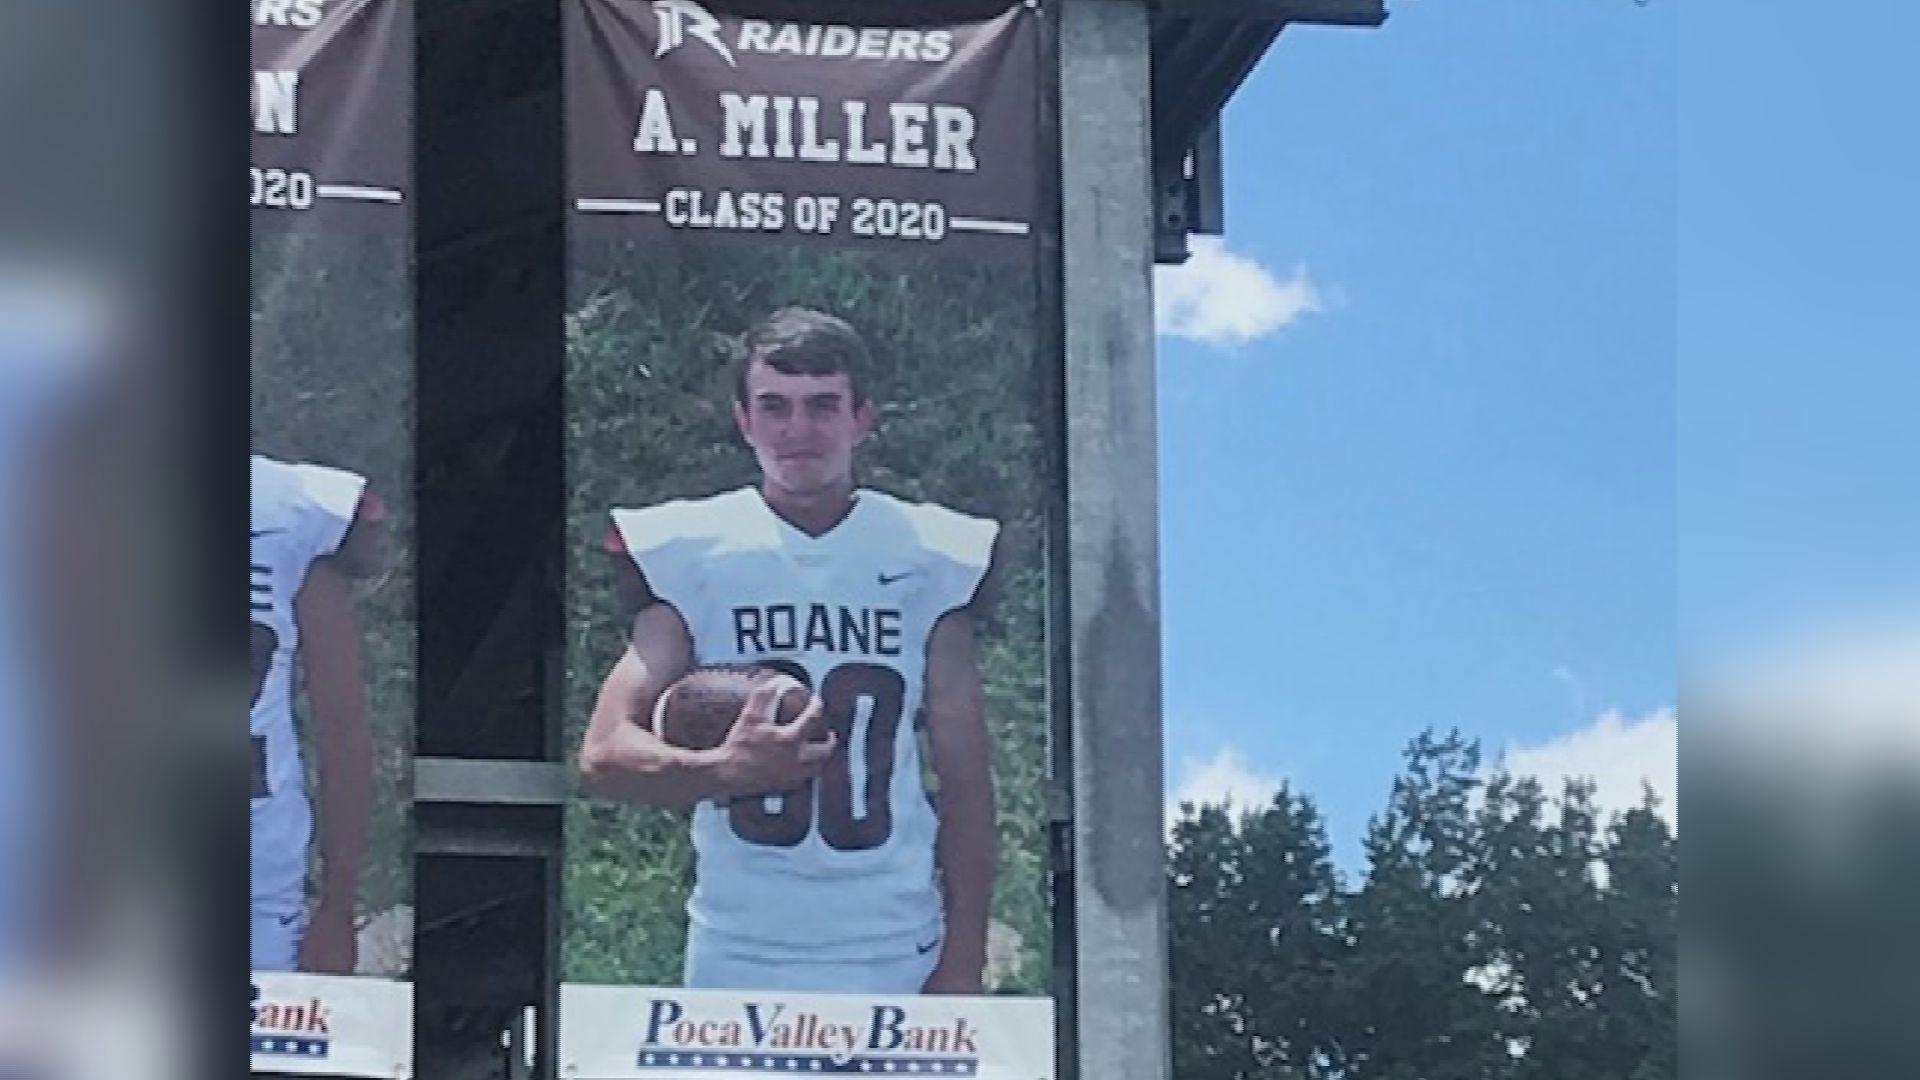 alex miller tribute